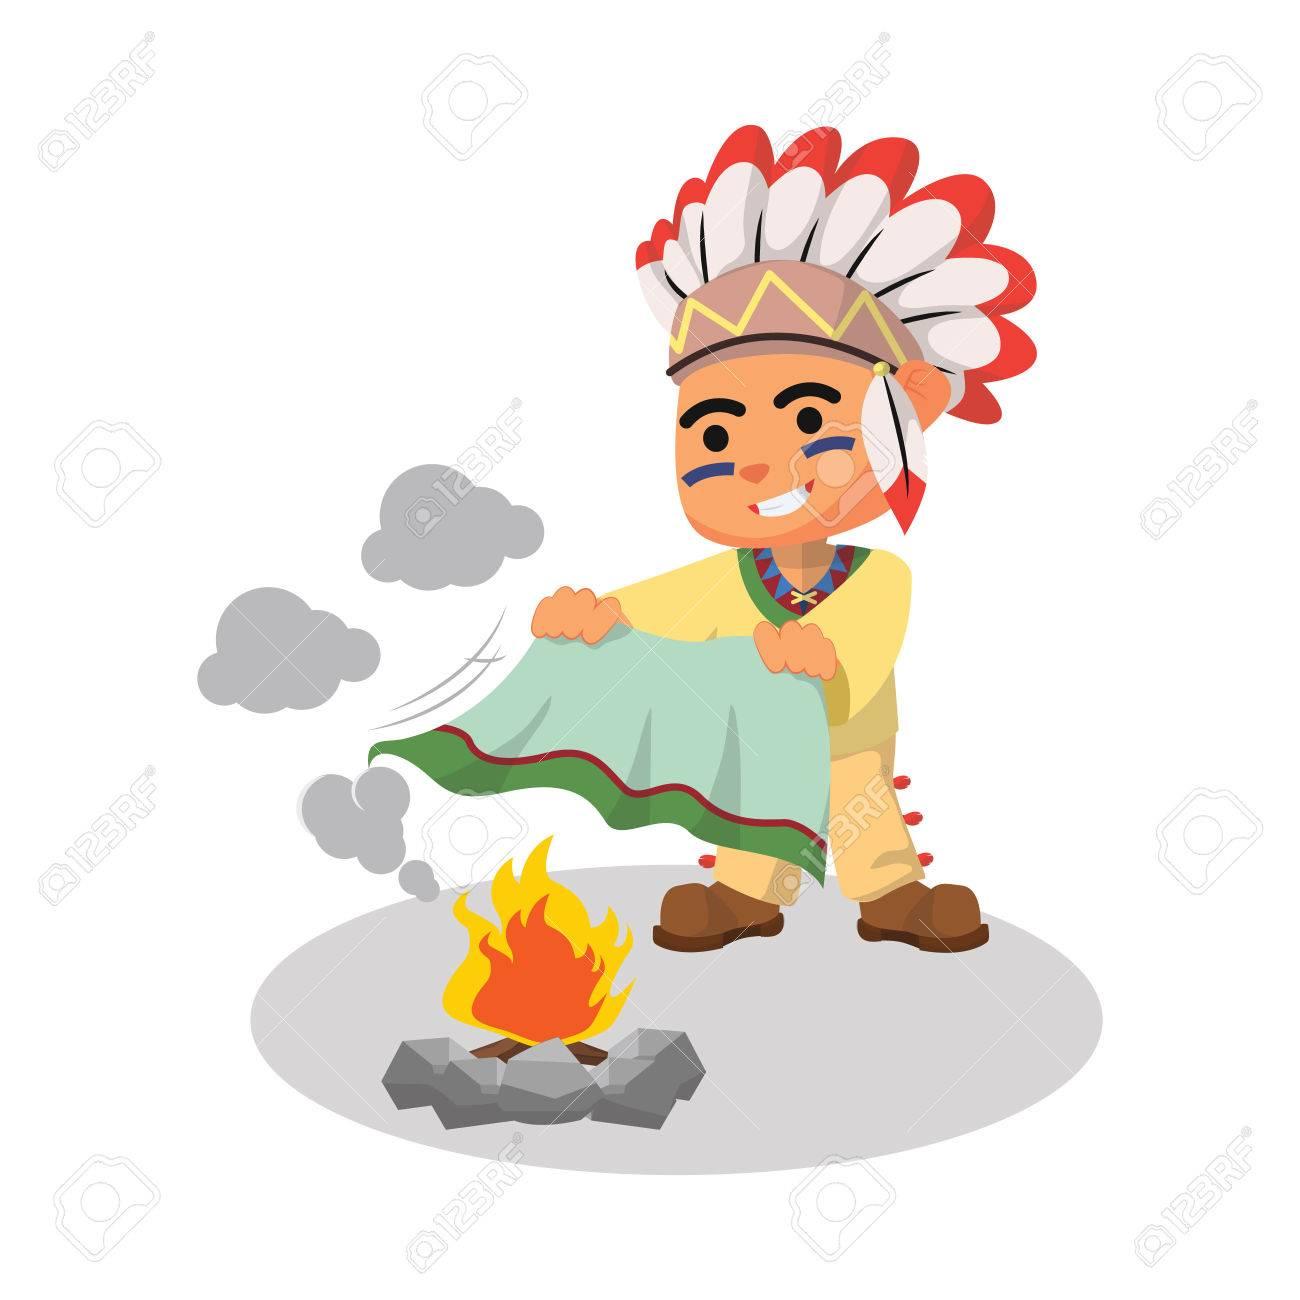 indian boy playing smoke - 55897777